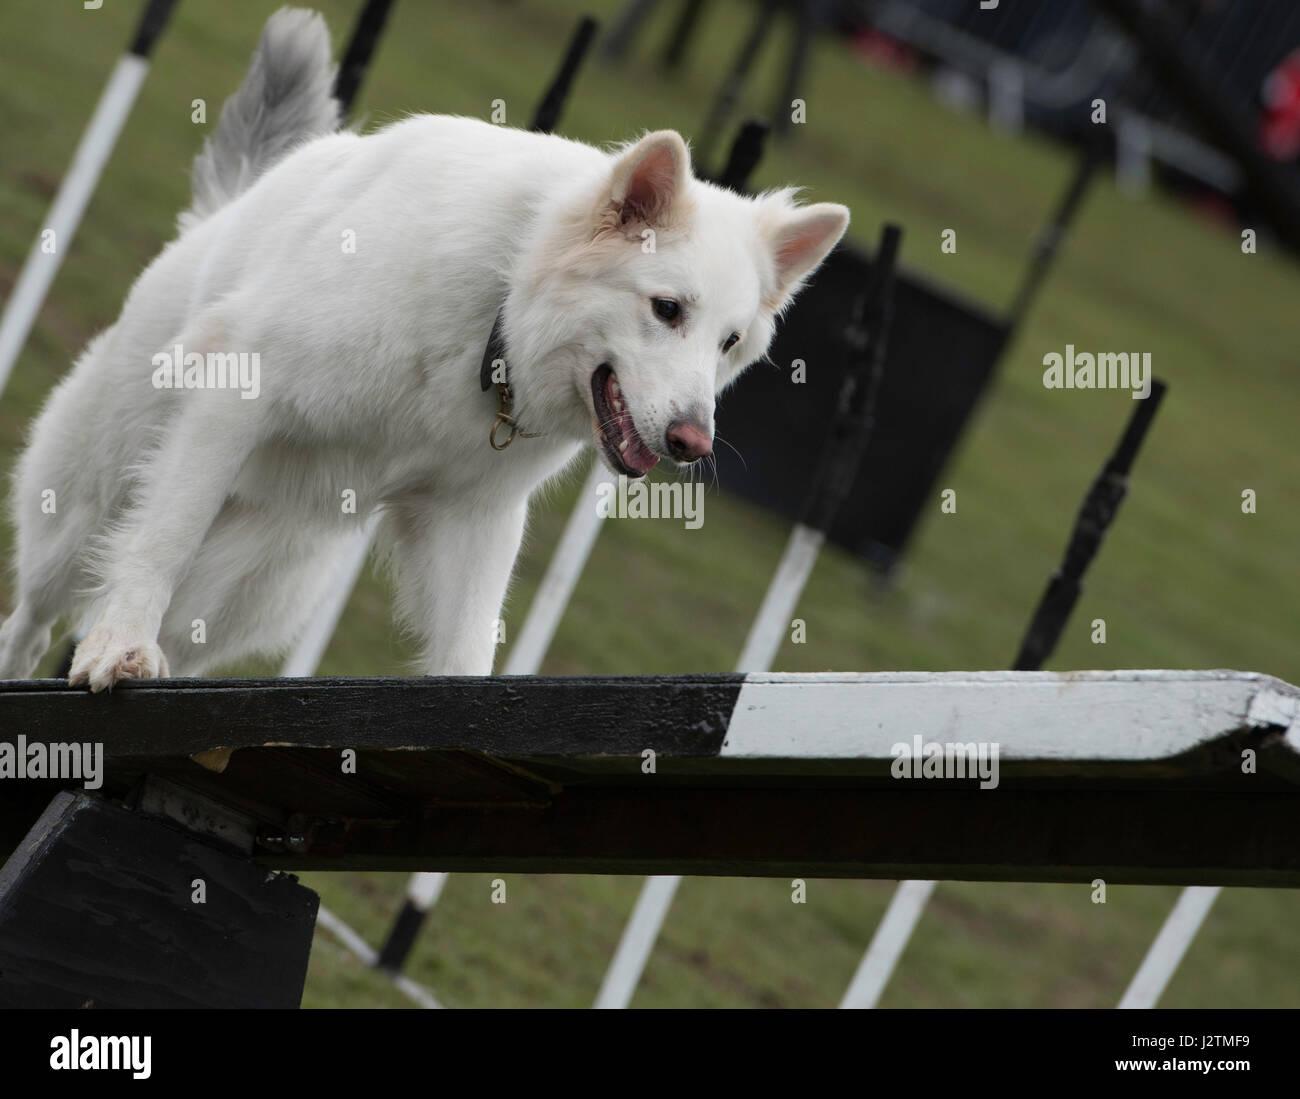 Halifax Dog Show